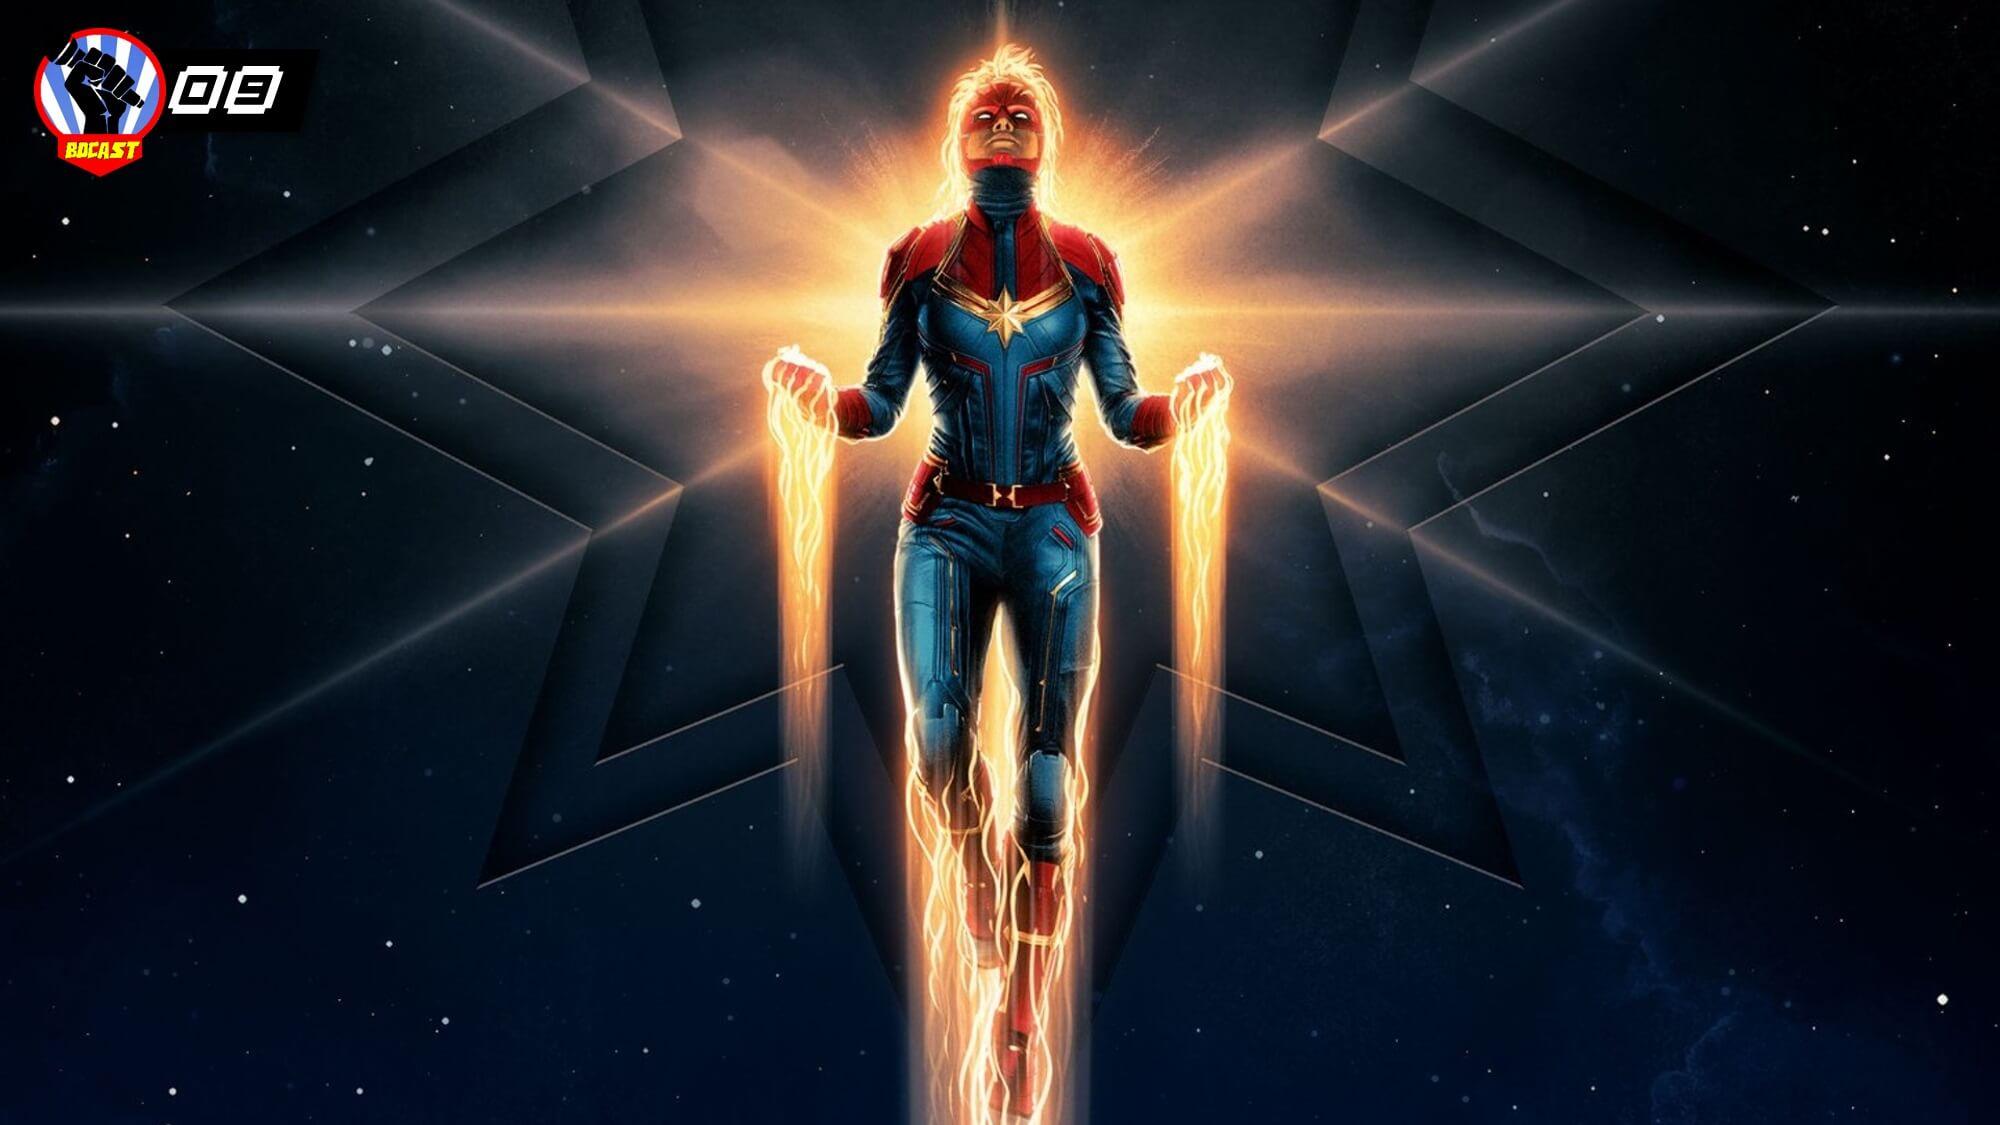 Capitã Marvel - Sucesso, Fracasso, Filme ou Conspiração?